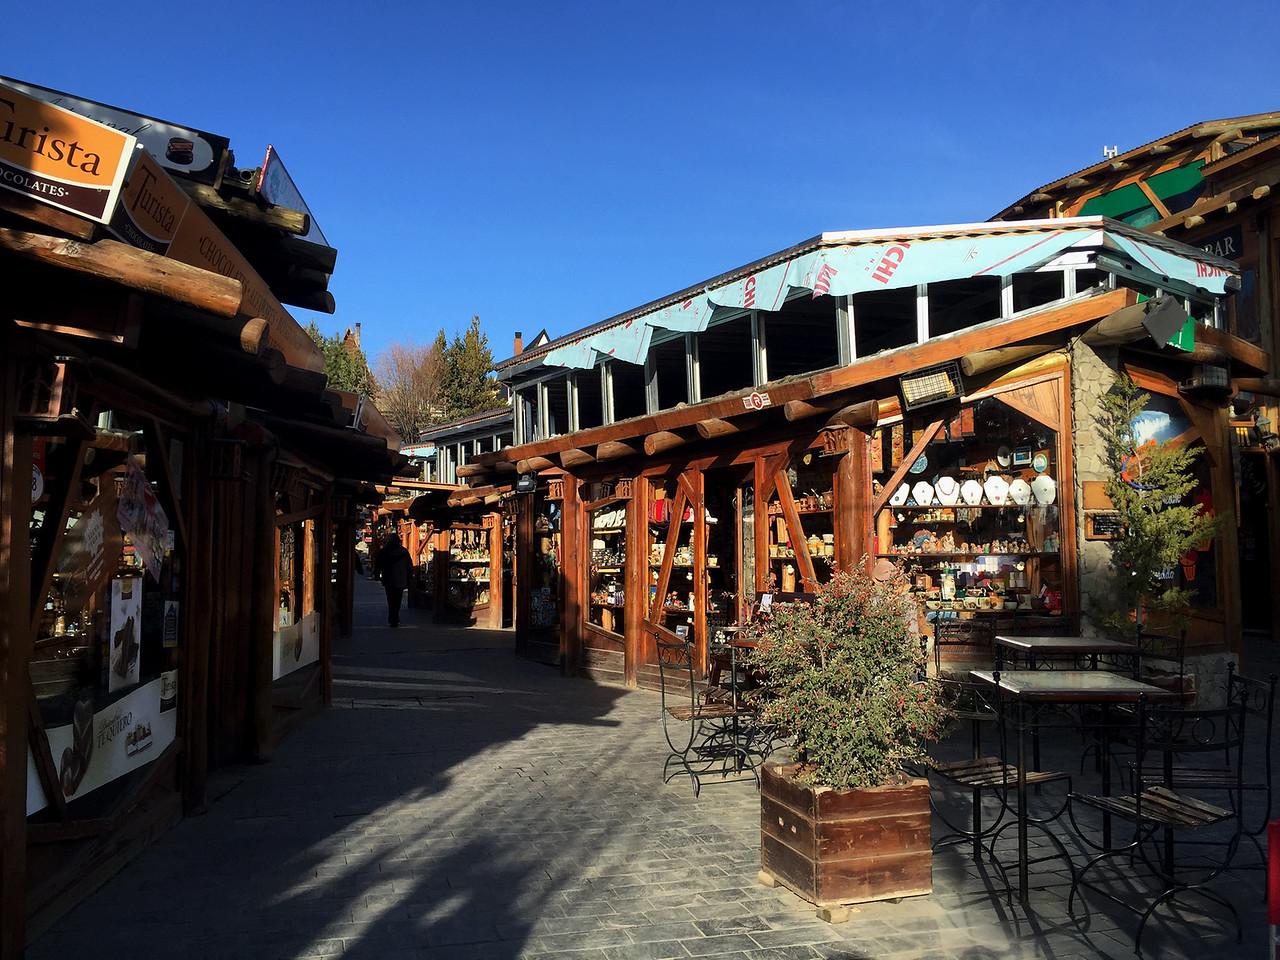 Market at El Calafate, Patagonia, Argentina